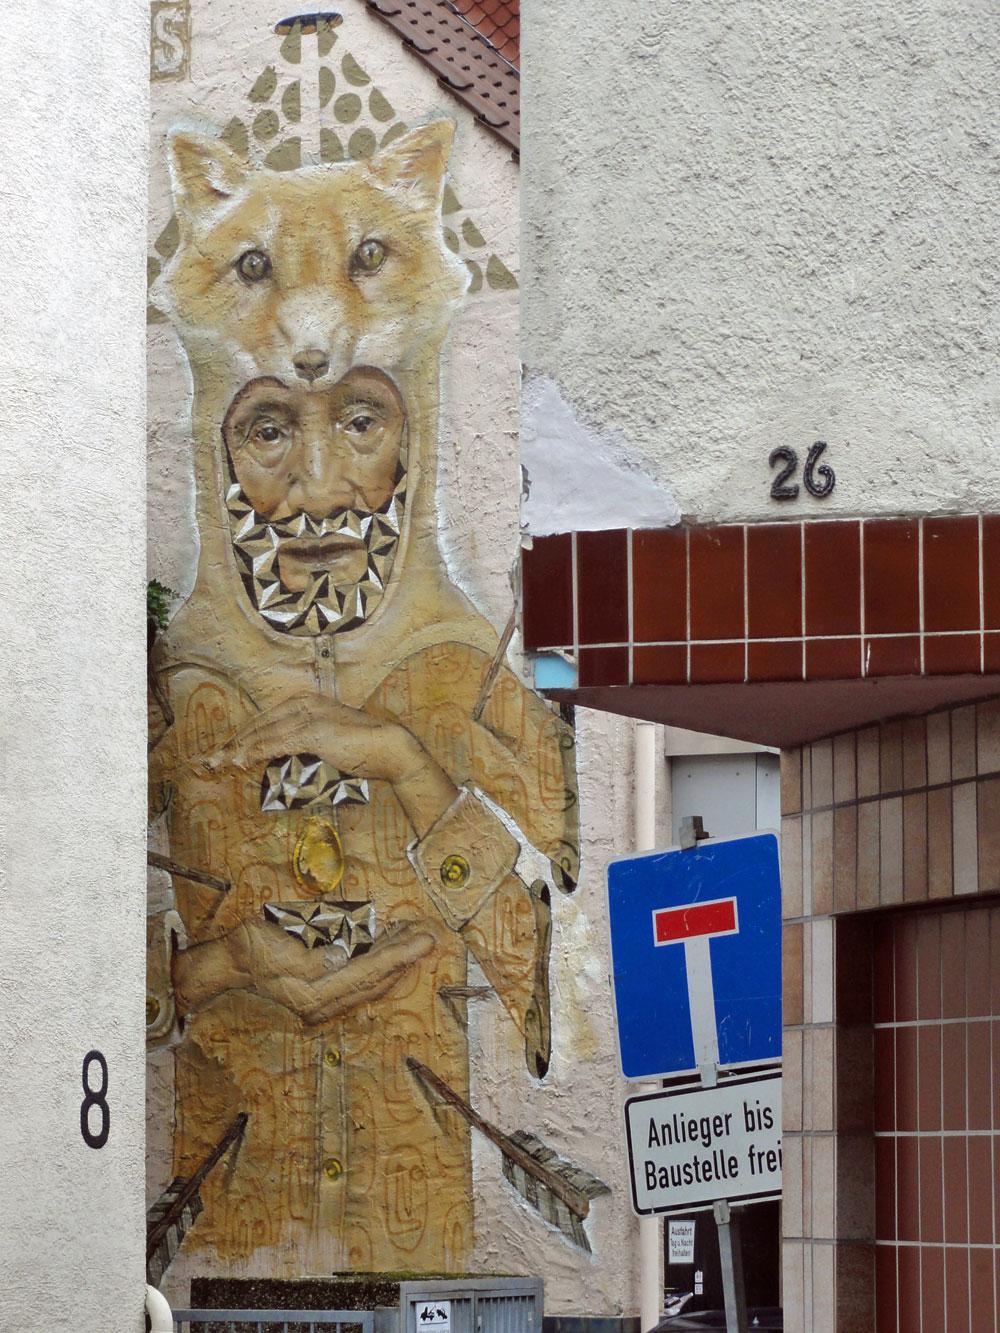 koz-dos-graffiti-hausfassade-wiesbaden